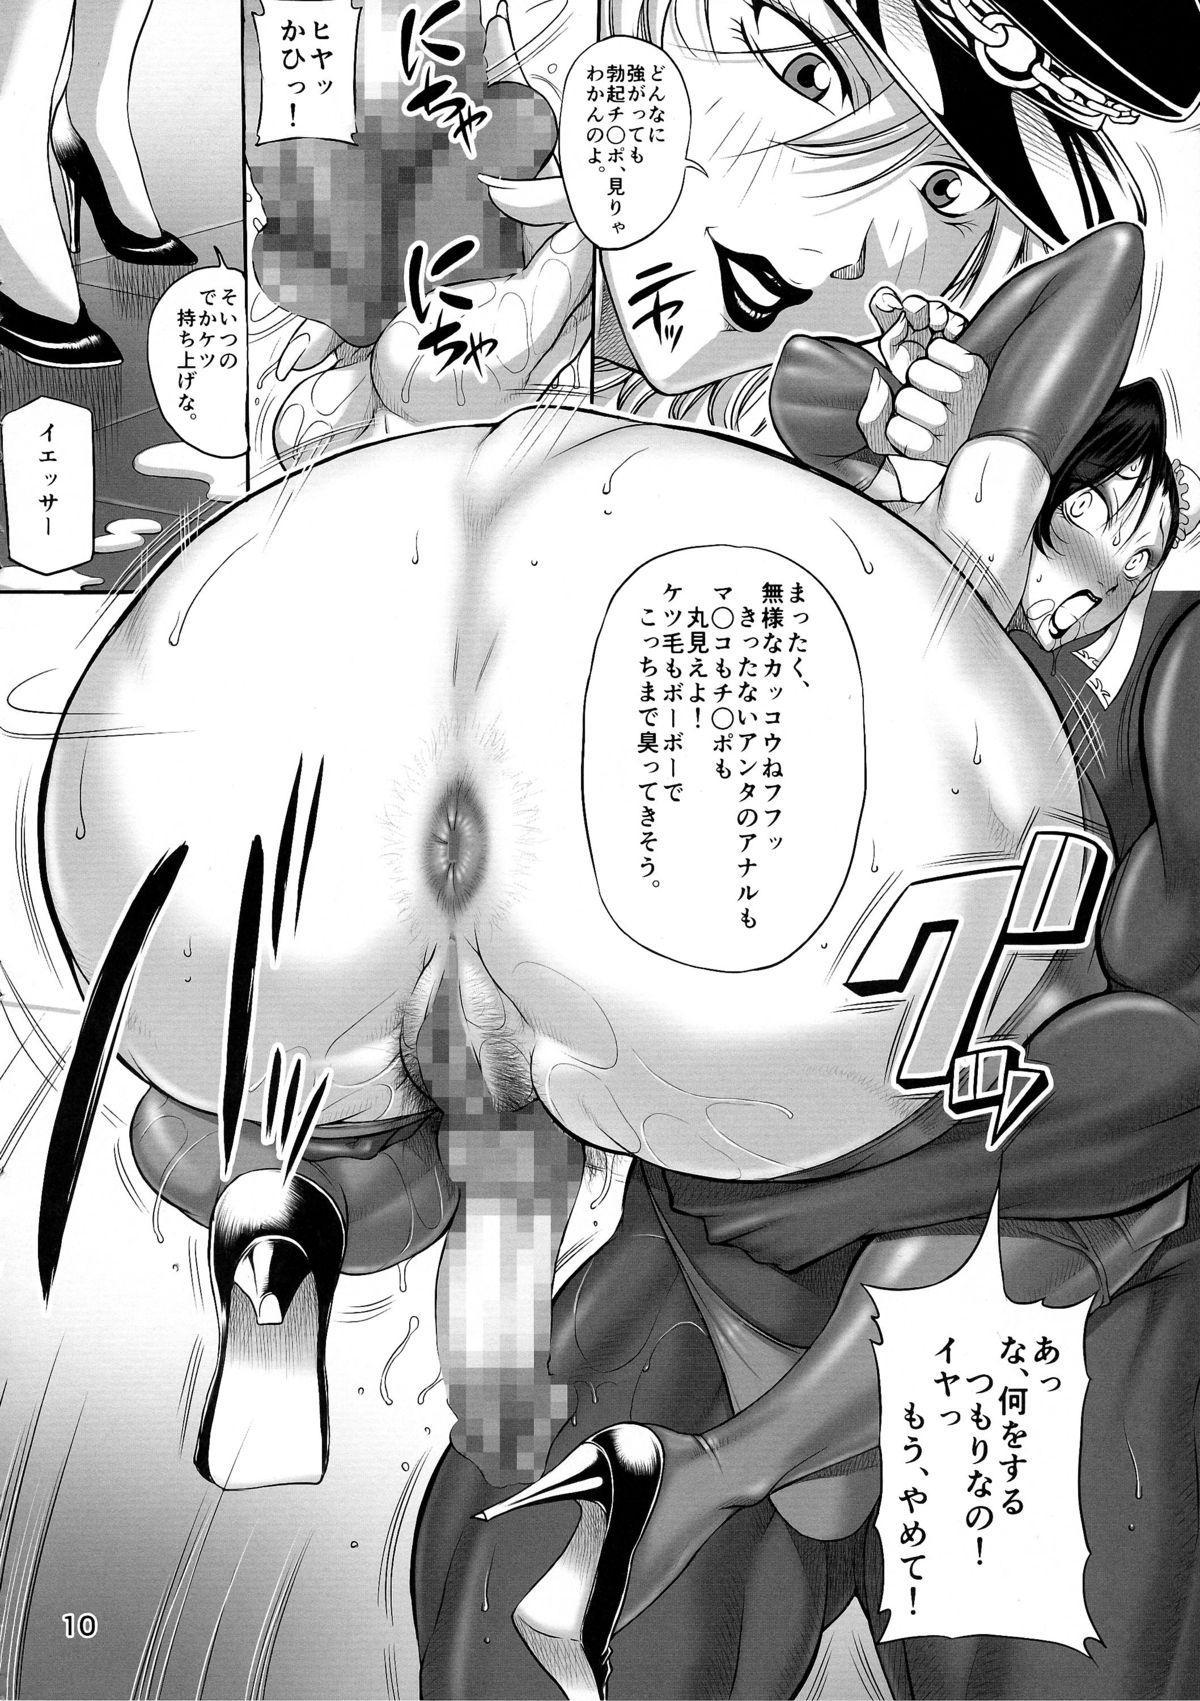 Seigi no Daishou 2 11